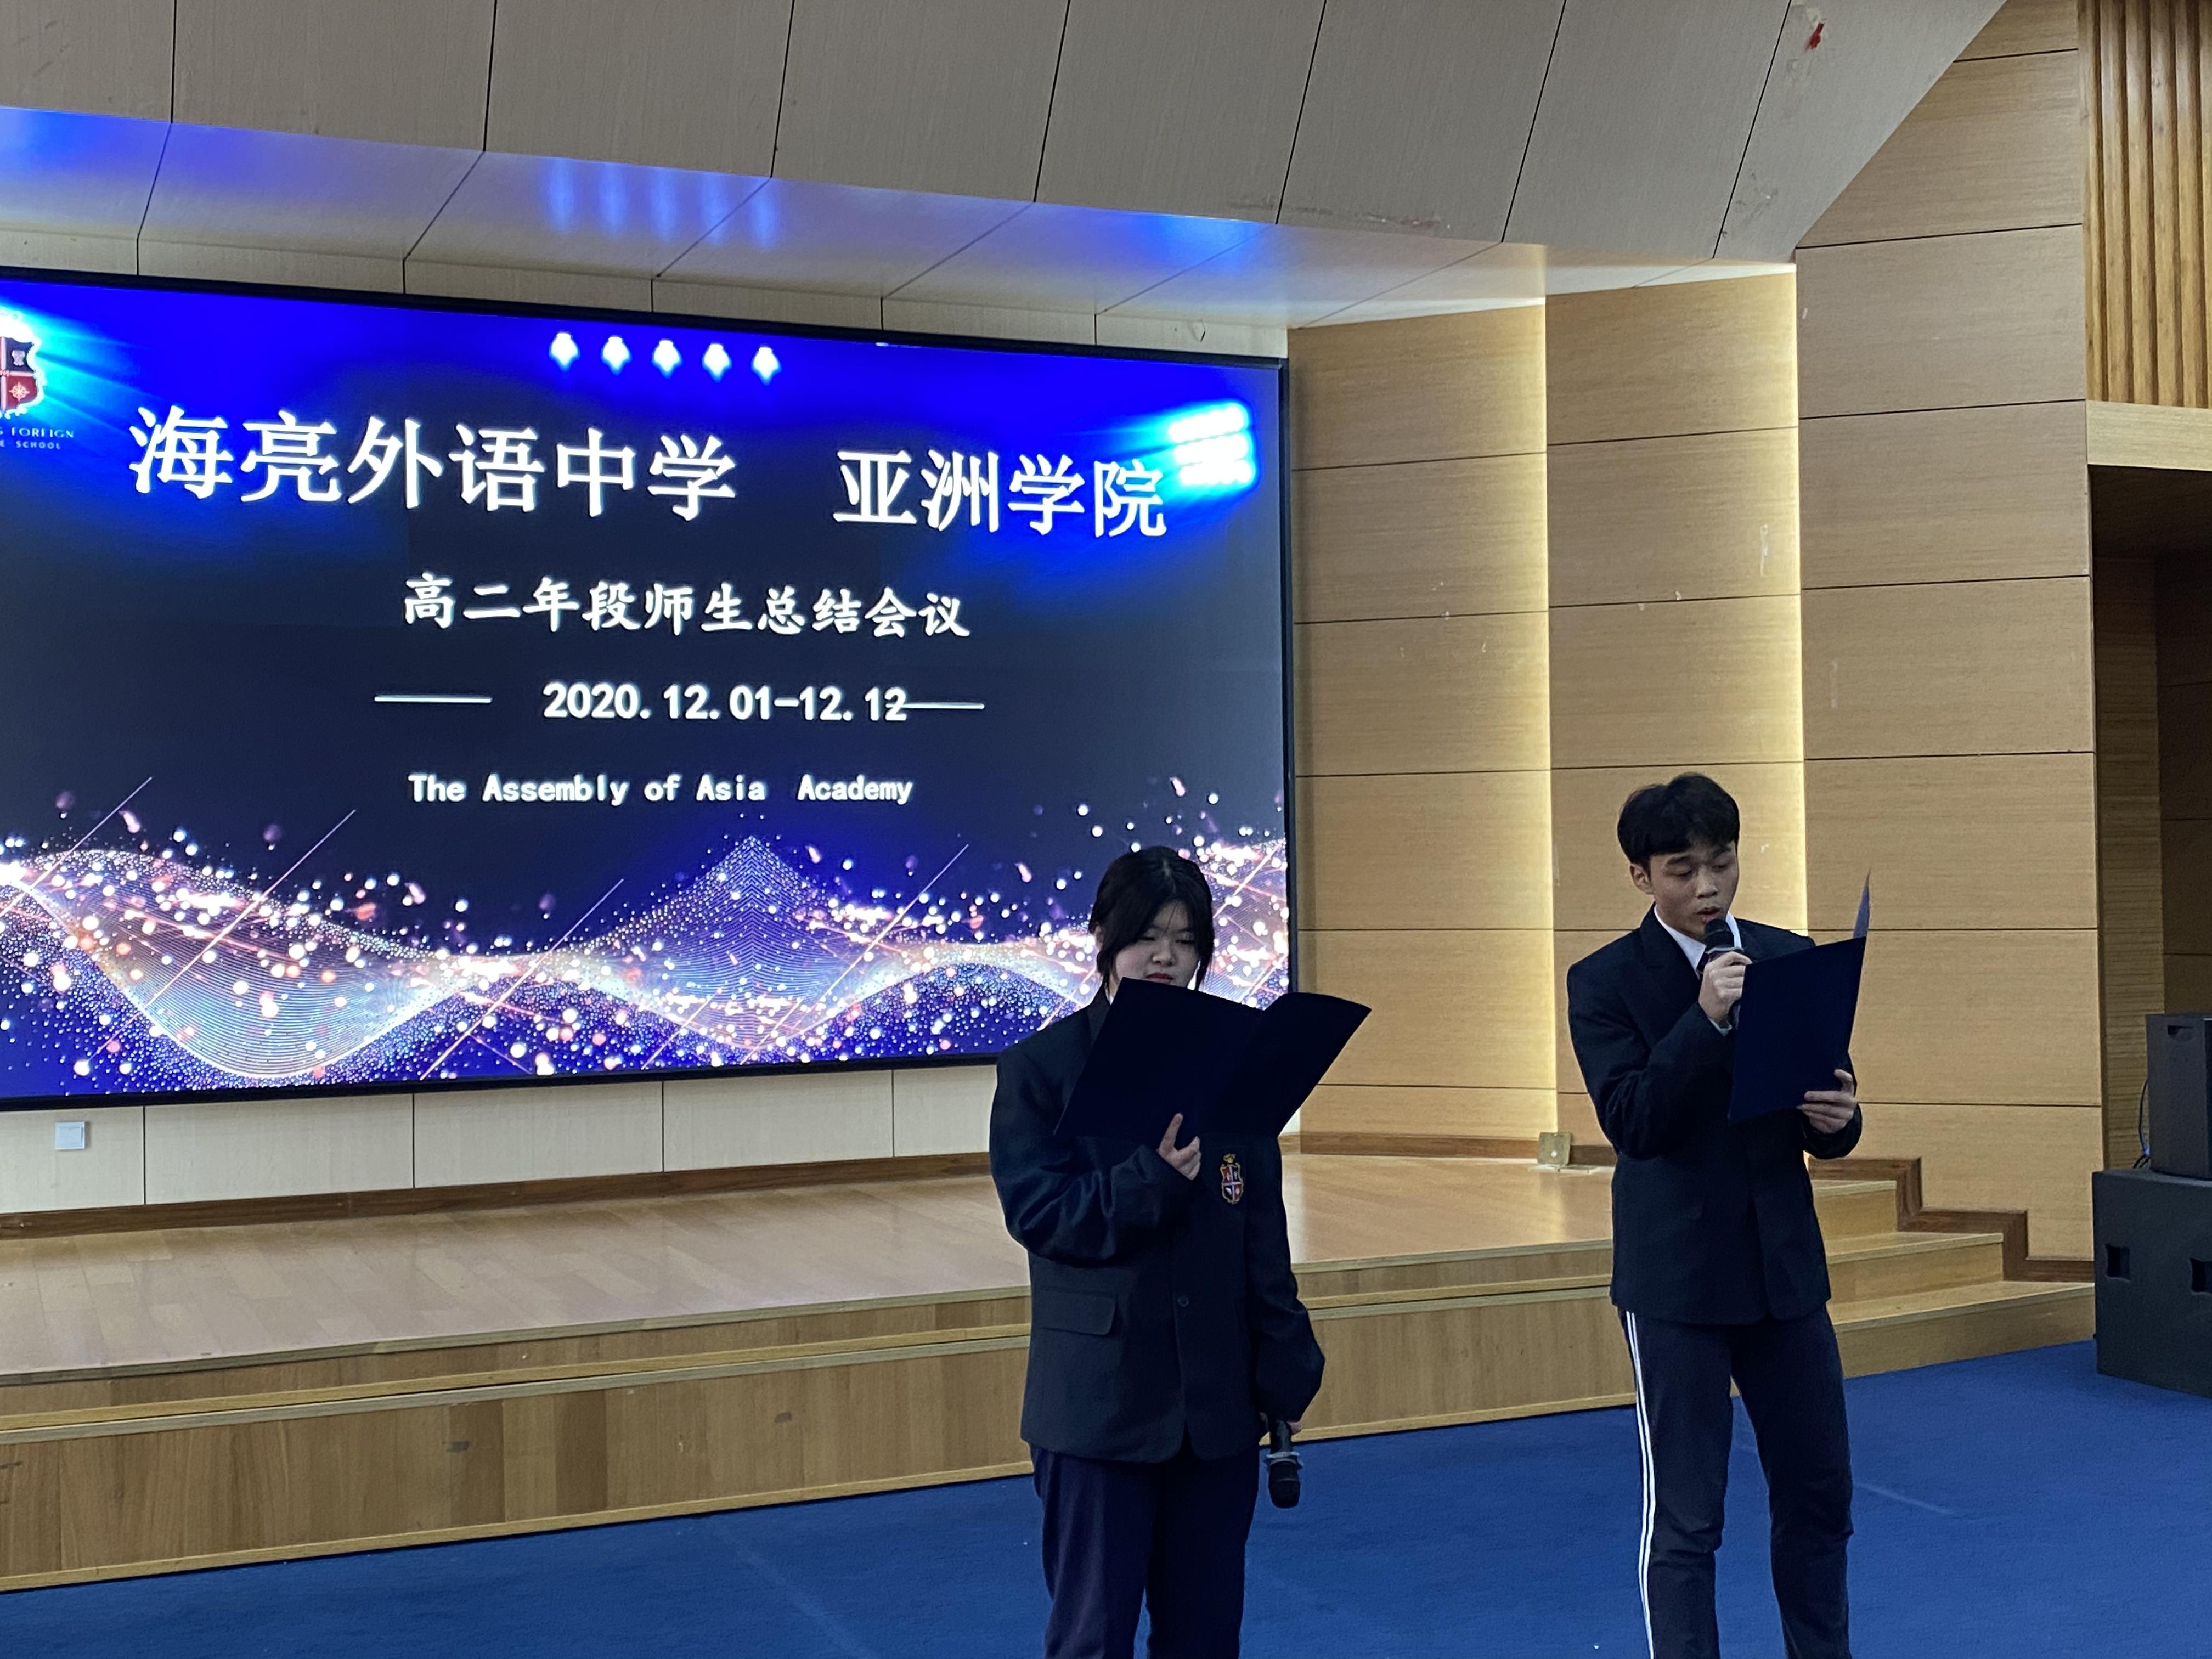 海亮外語中學召開亞洲學院高二年級師生大會